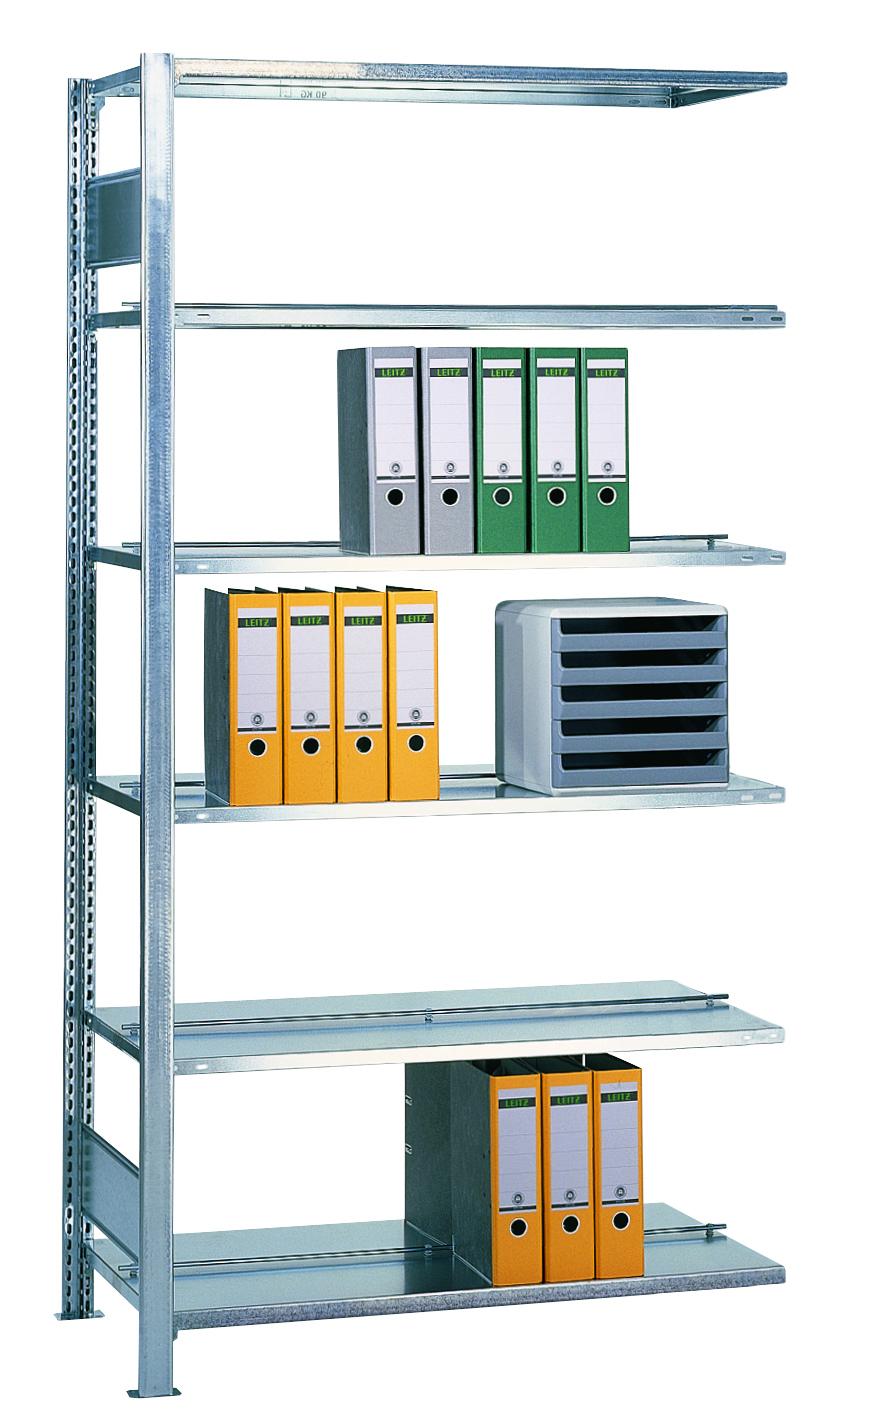 Büroregale / Archivregale - Anbaufeld